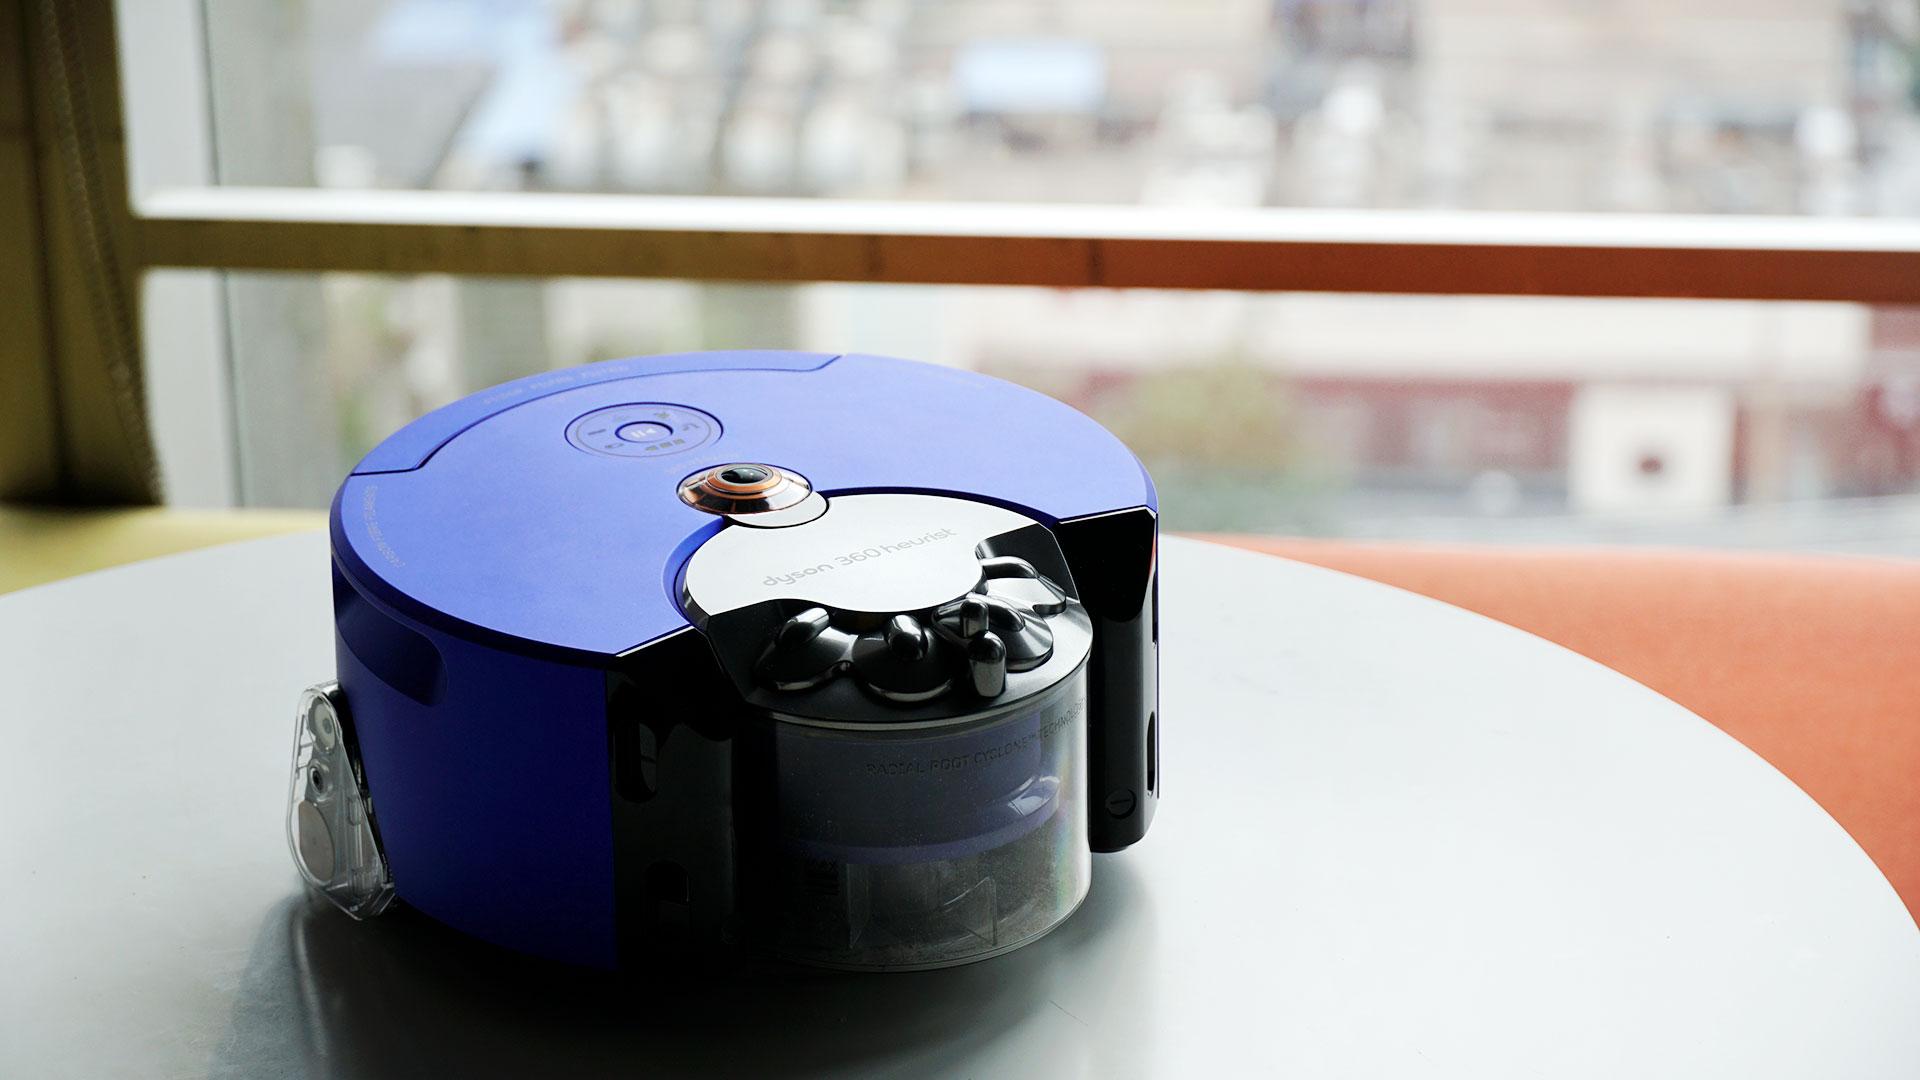 戴森360 heurist智能吸尘机器人(全新升级款)开箱